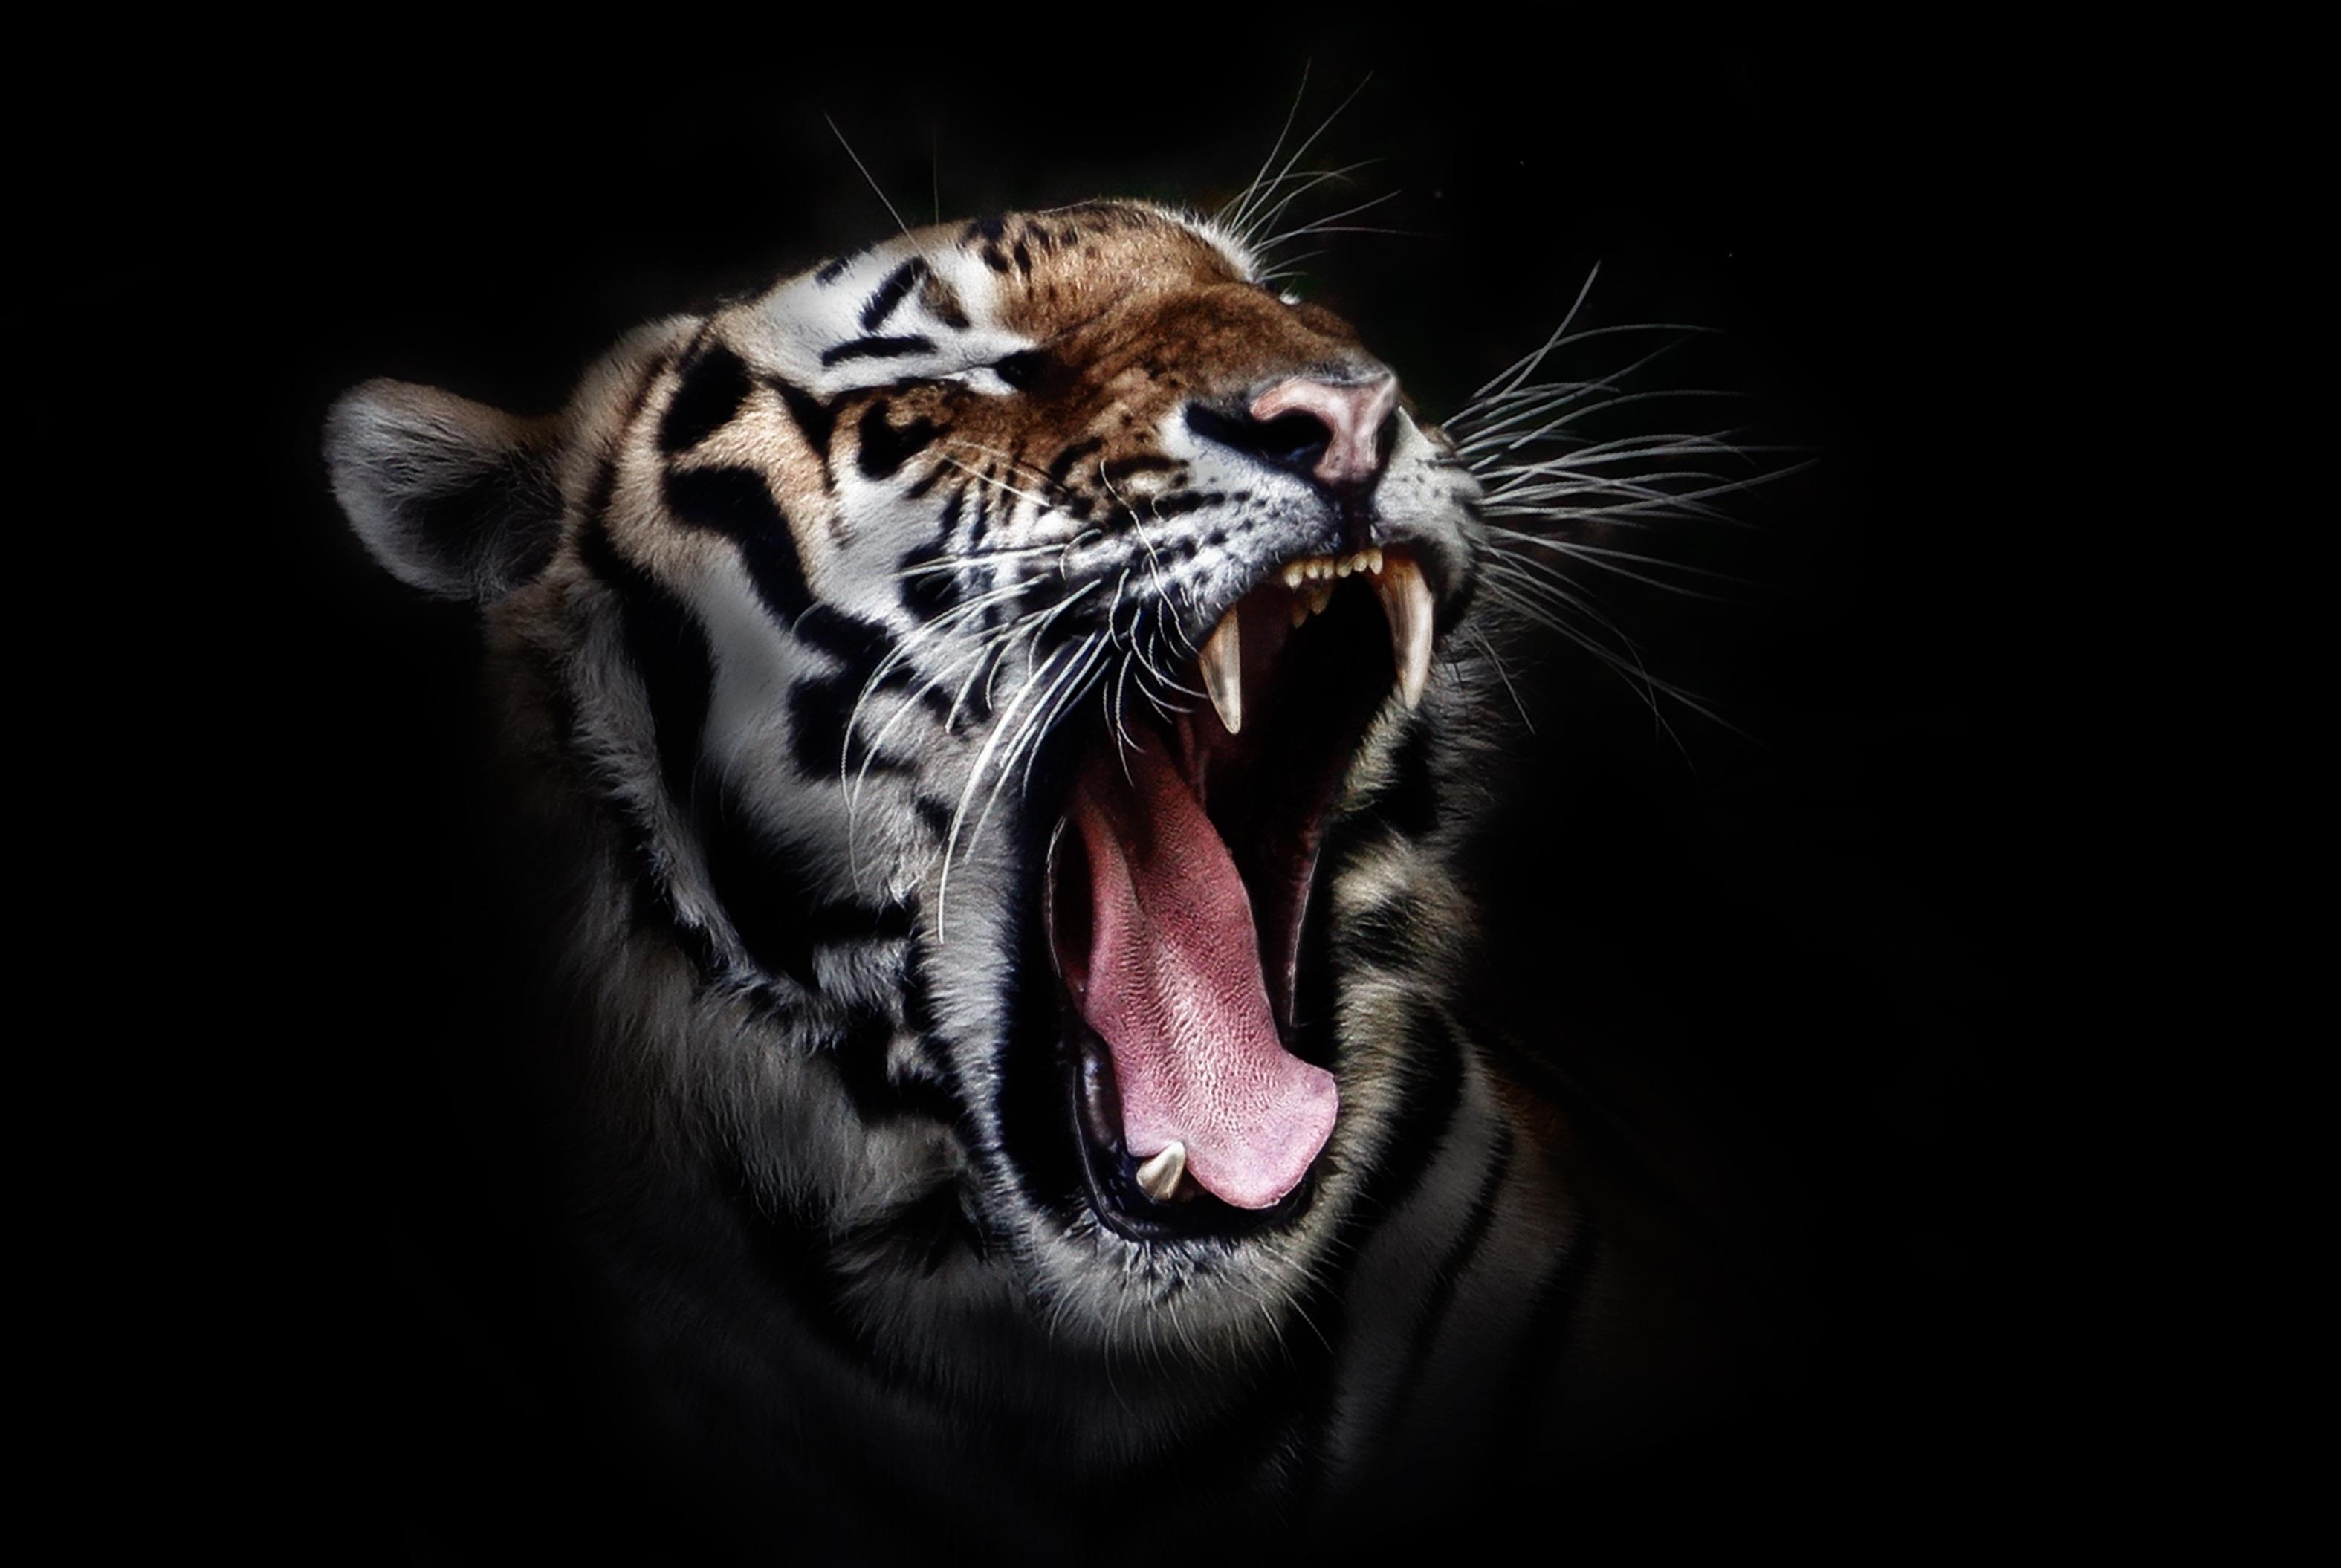 Animal animal photography big cat close-up tiger wild cat ...